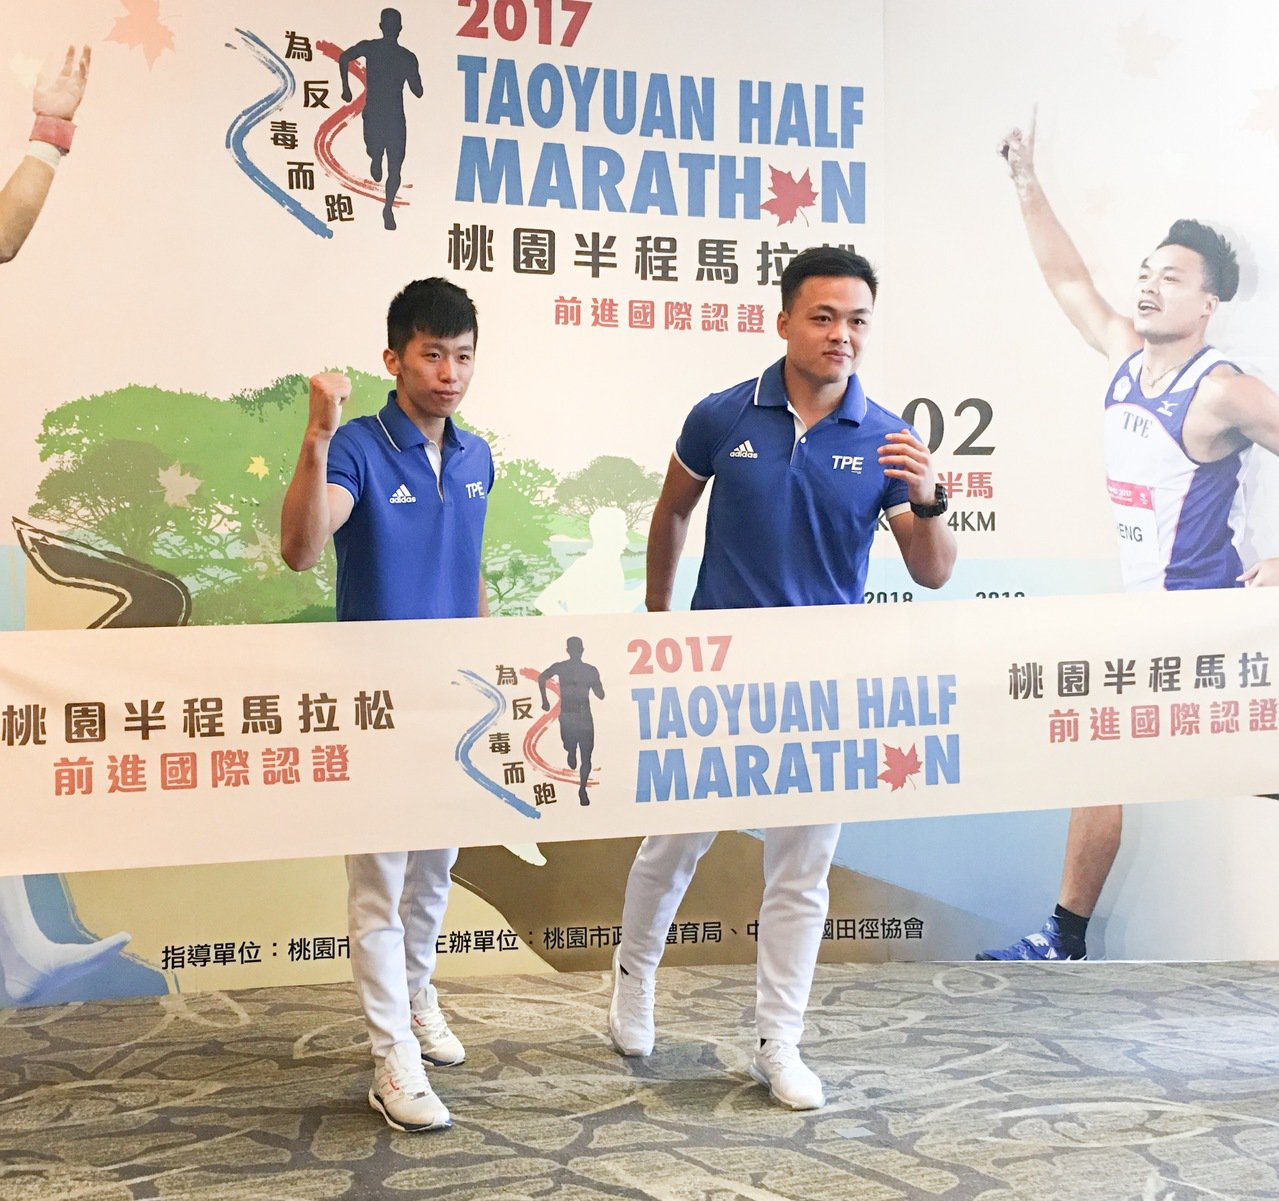 李智凱(左)和鄭兆村為桃園半程馬拉松站台。  記者曾思儒/攝影